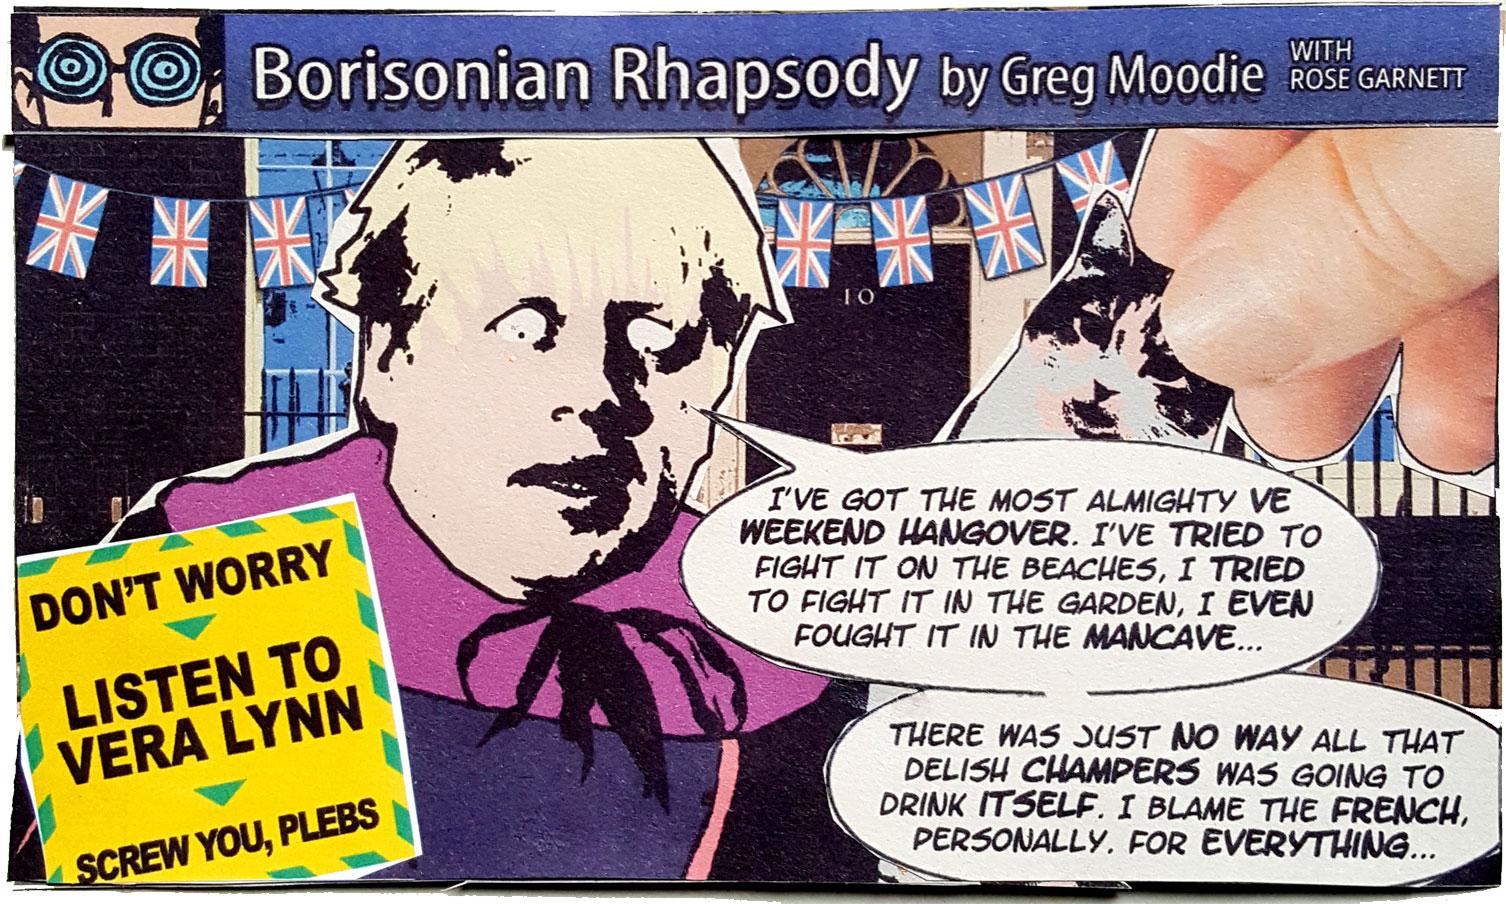 Borisonian Rhapsody